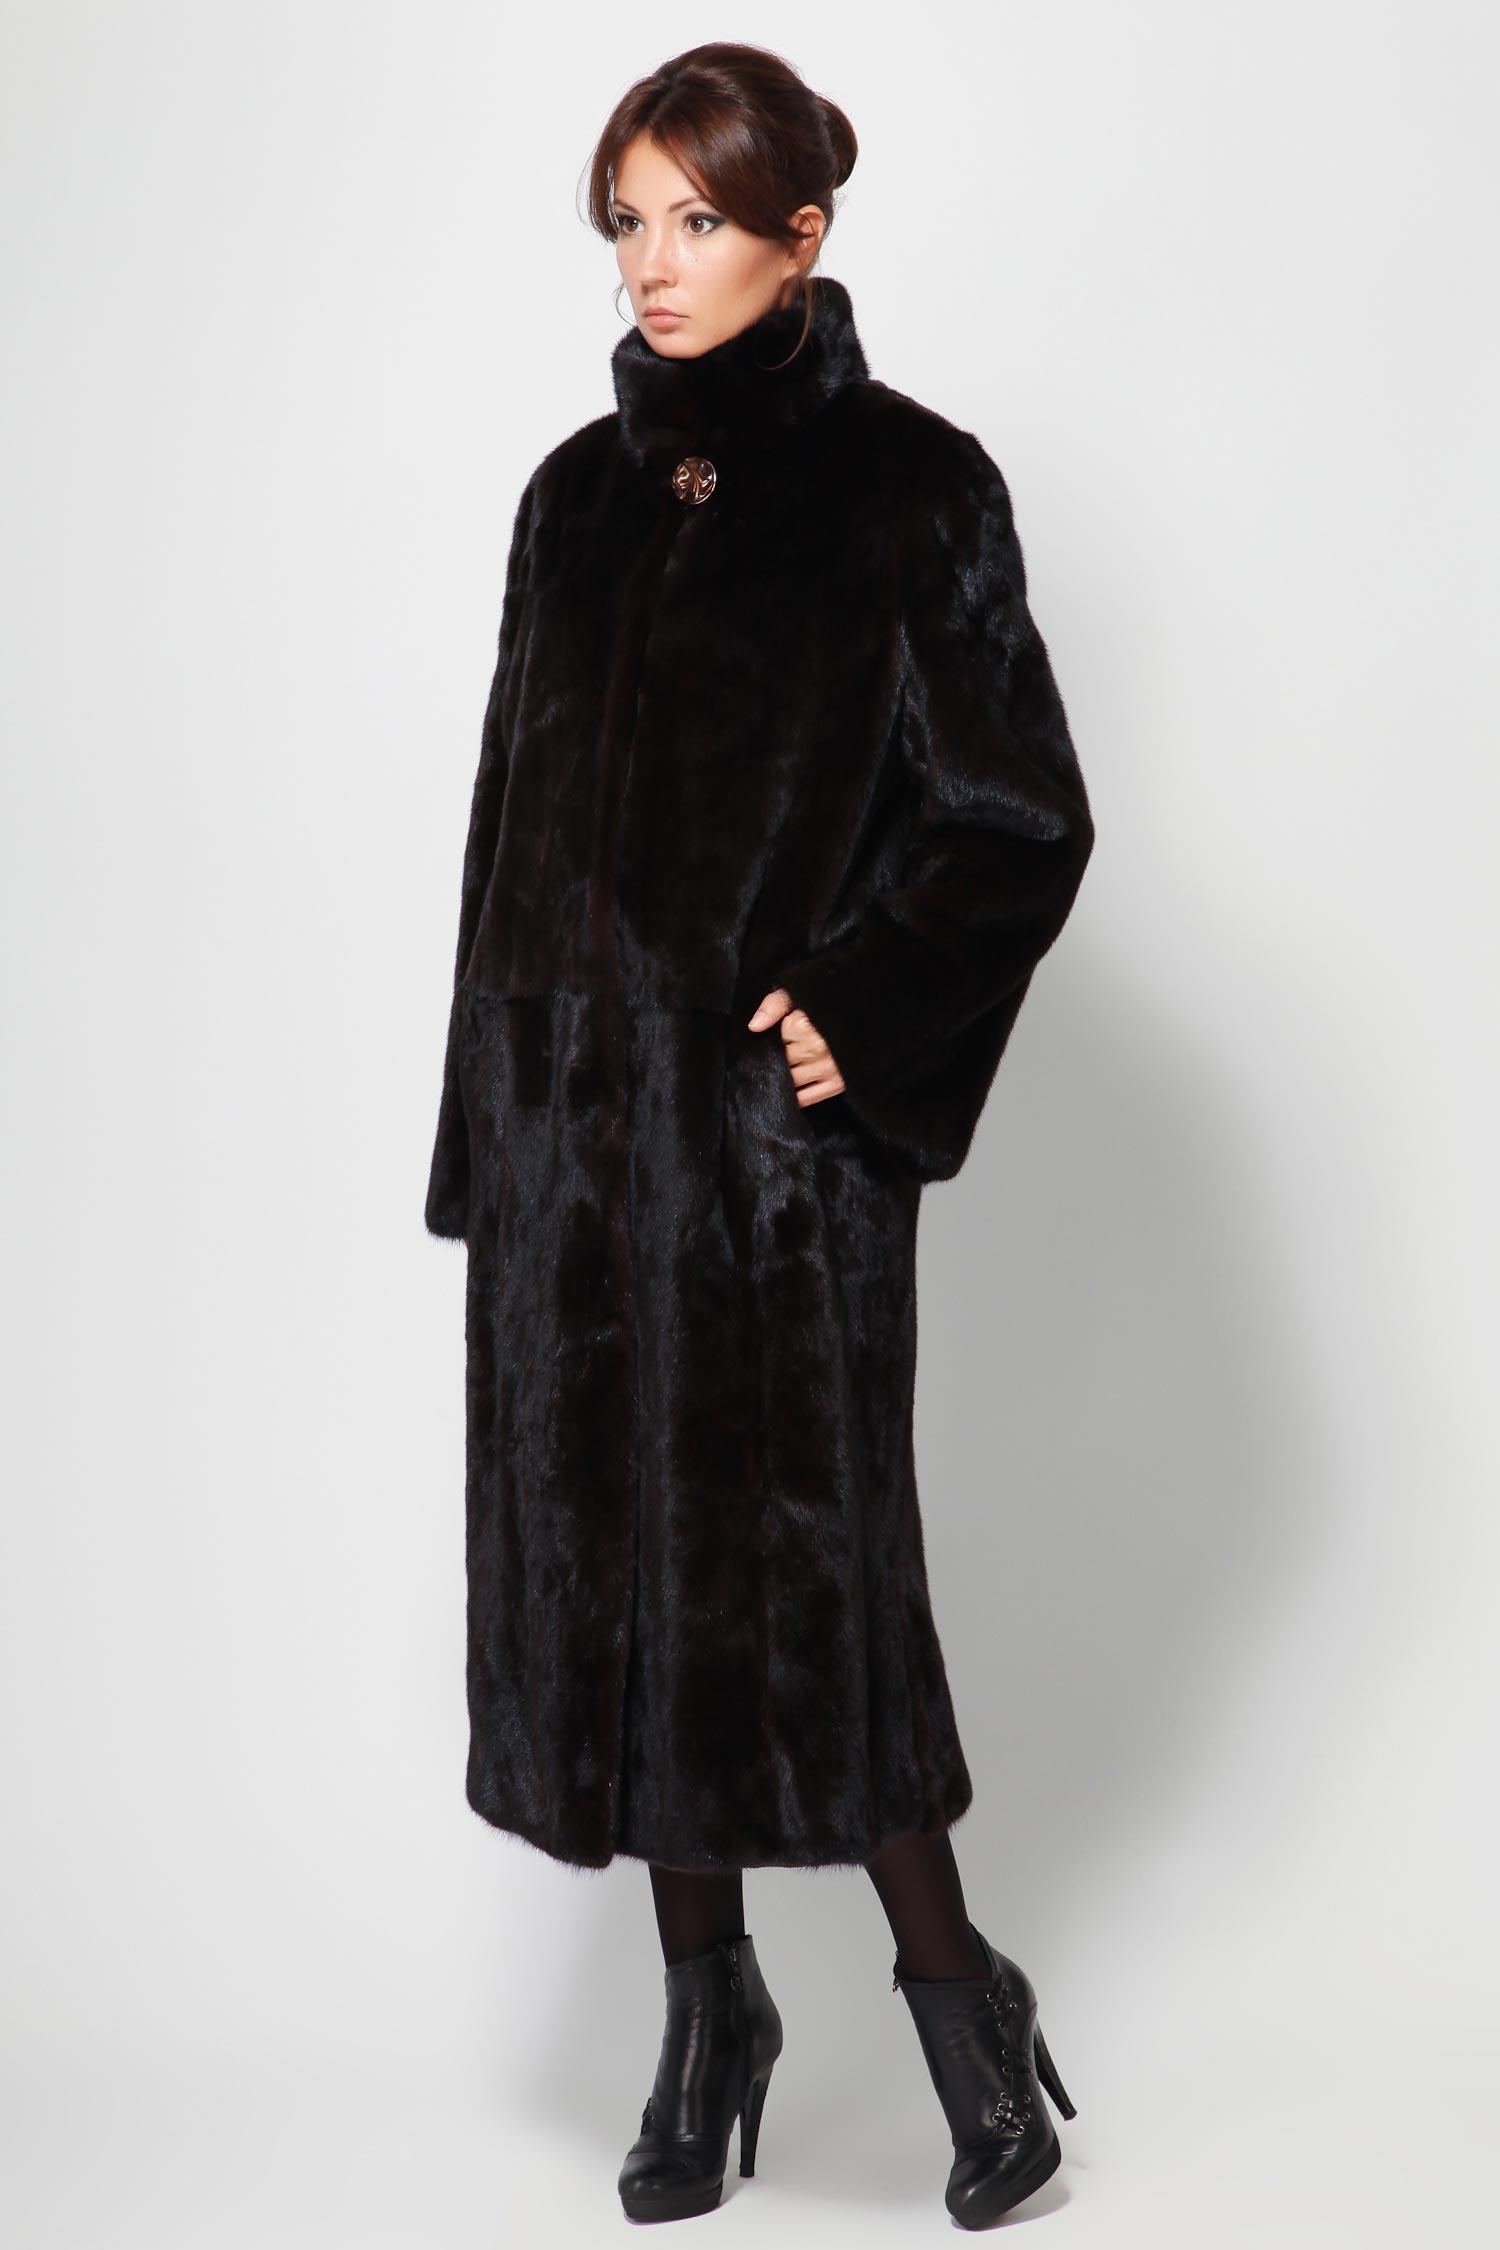 Шуба из норки с воротником, без отделкиШикарное норковое пальто из меха скандинавской норки, насыщенного и яркого темно-коричневого цвета Scanbrown. Это изделие позволит Вам создать поистине роскошный и презентабельный образ, не лишенный женственности и обаяния.<br><br>Украшением служит элегантный воротник-стойка, который дополнен красивой пуговицей. Прямая модель создает некий шарм. Отличный выбор!<br><br>Воротник: Стойка<br>Длина см: 120<br>Цвет: Коричневый (Mahogany)<br>Пол: Женский